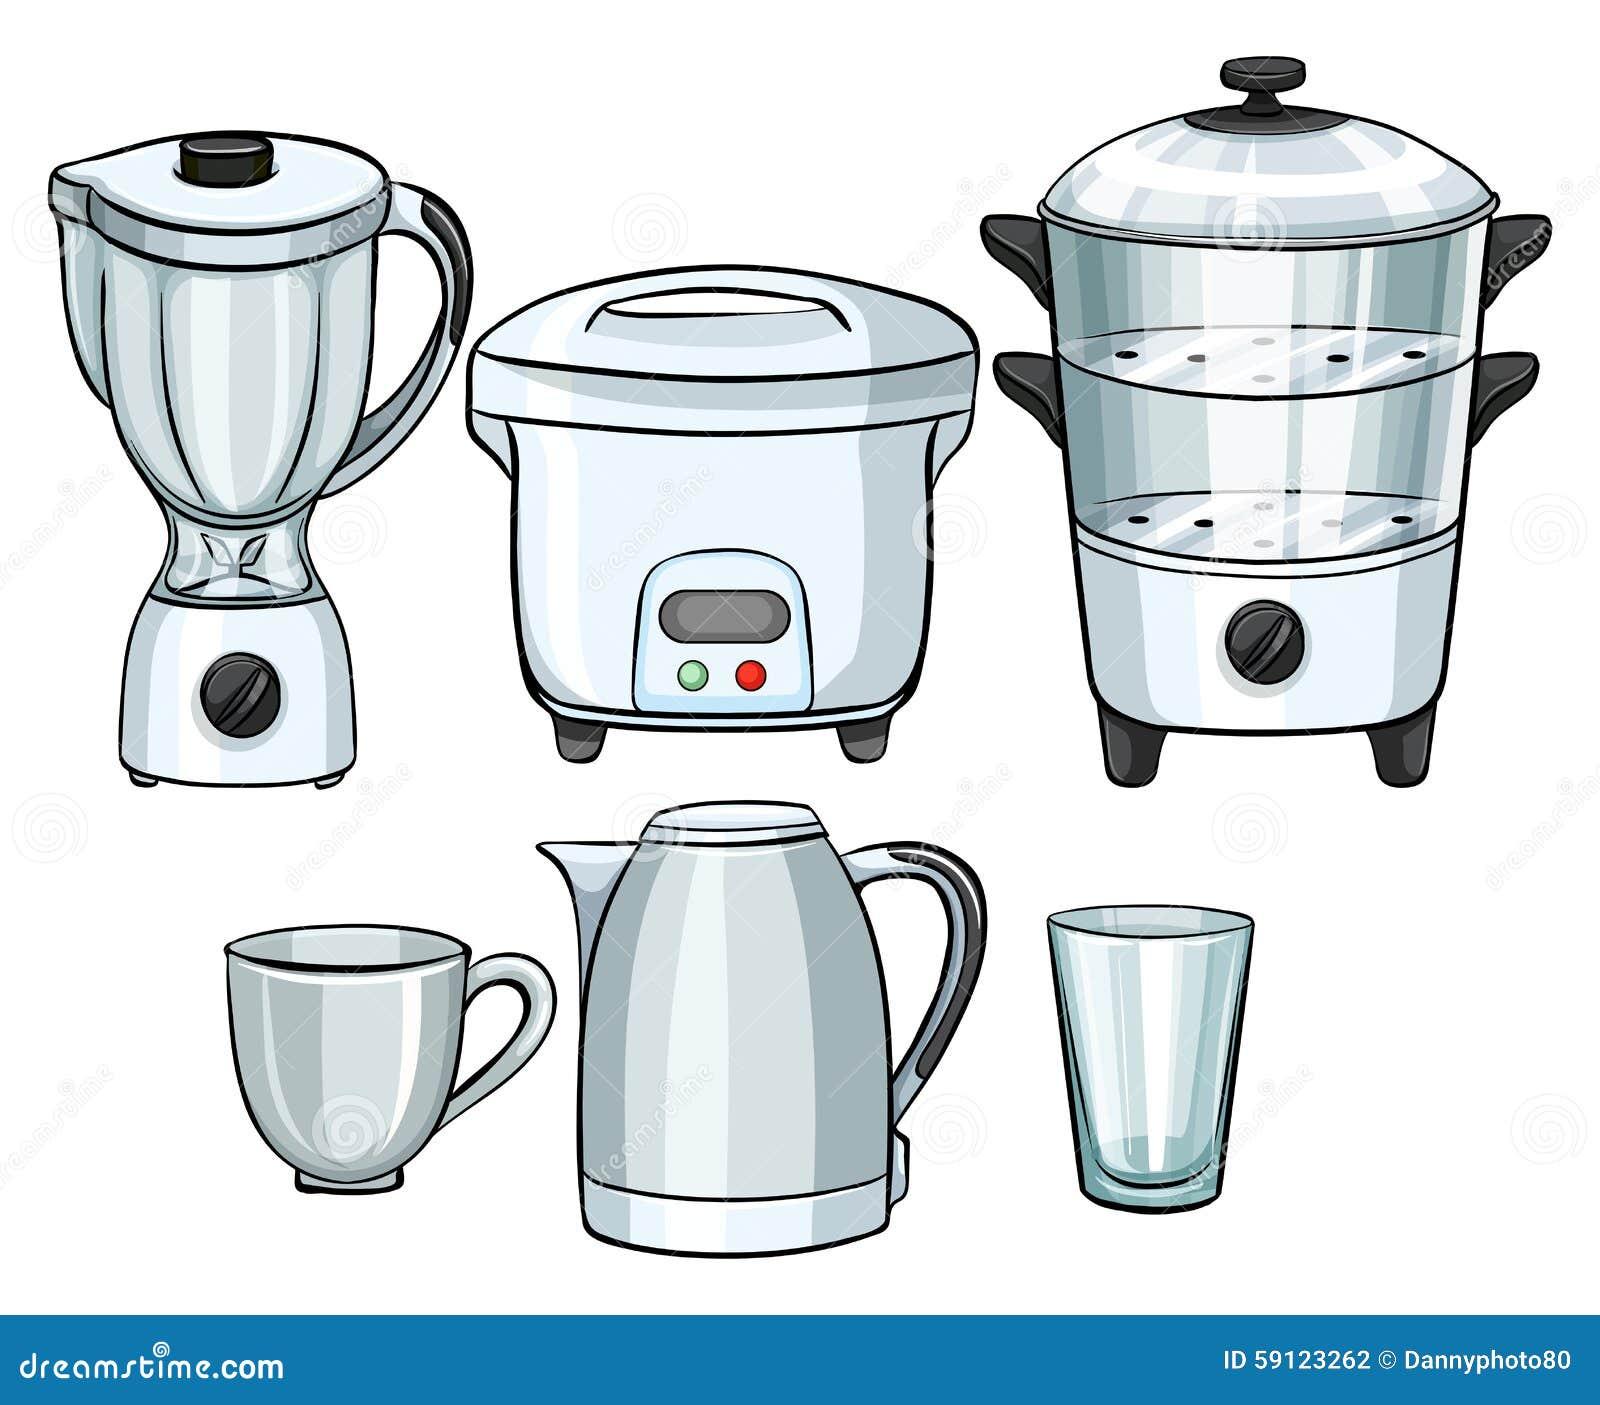 Equipamentos eletr nicos usando se na cozinha ilustra o for Equipo manual de cocina